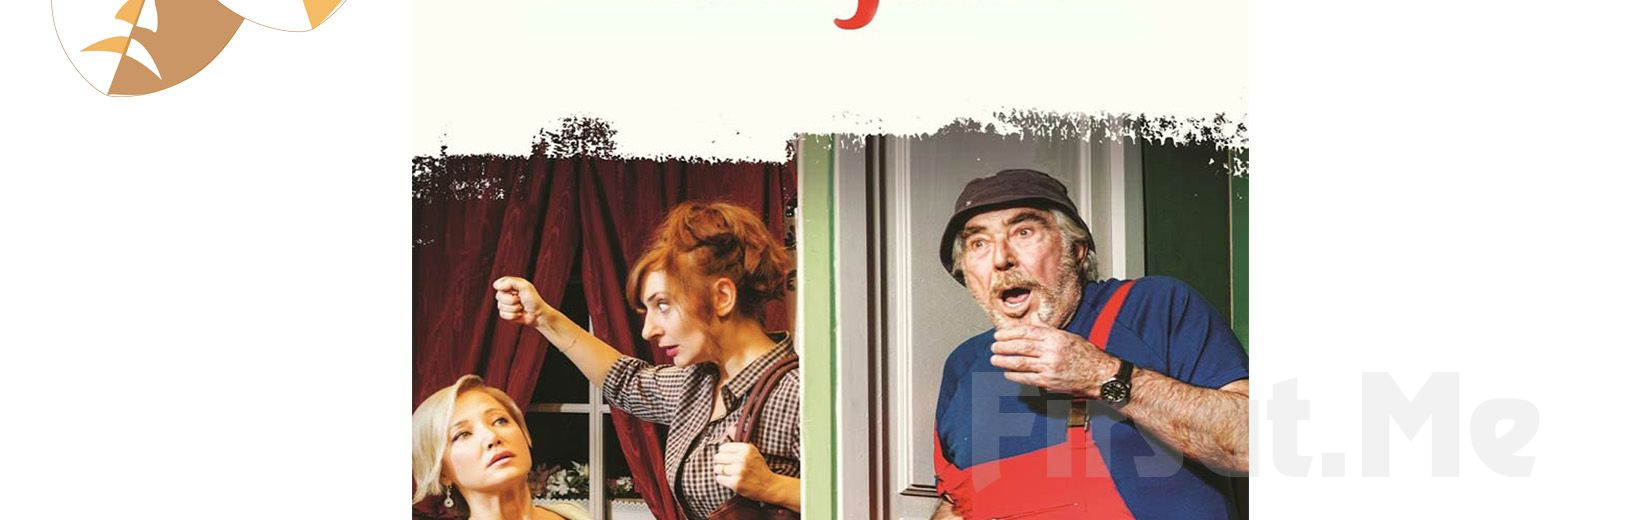 """Erdal Özyağcılar, Berna Laçin ve Gözde Çetiner'le """"Hoşgeldin Boyacı'' Tiyatro Oyun Biletleri!"""